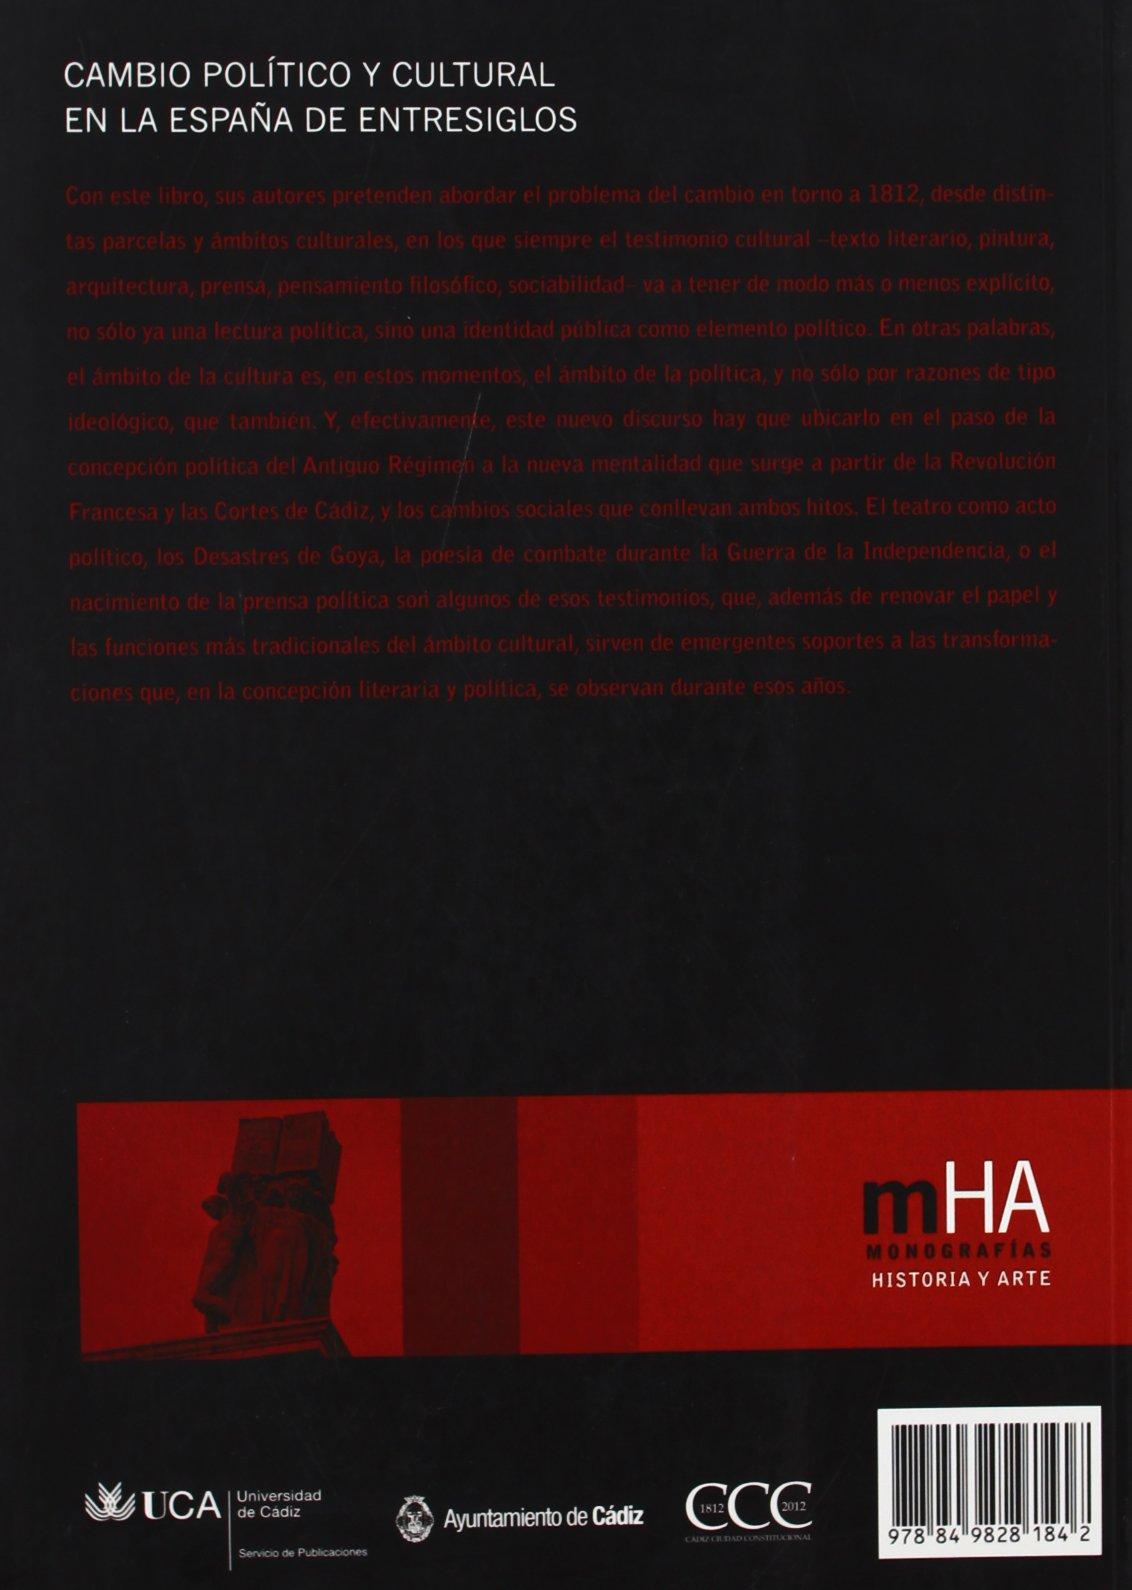 Cambio político y cultural en la España de entresiglos Monografías. Historia y Arte: Amazon.es: Ramos Santana, Alberto, Romero Ferrer, Alberto: Libros